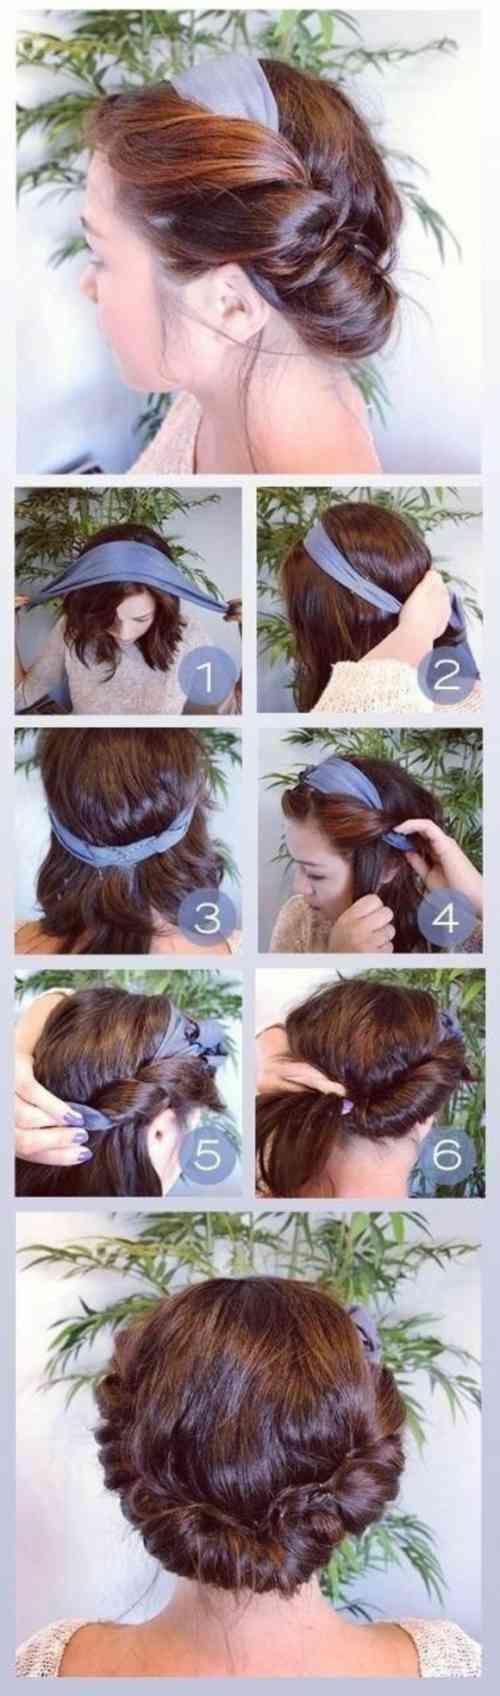 tutoriel de coiffure intéressante pour femme